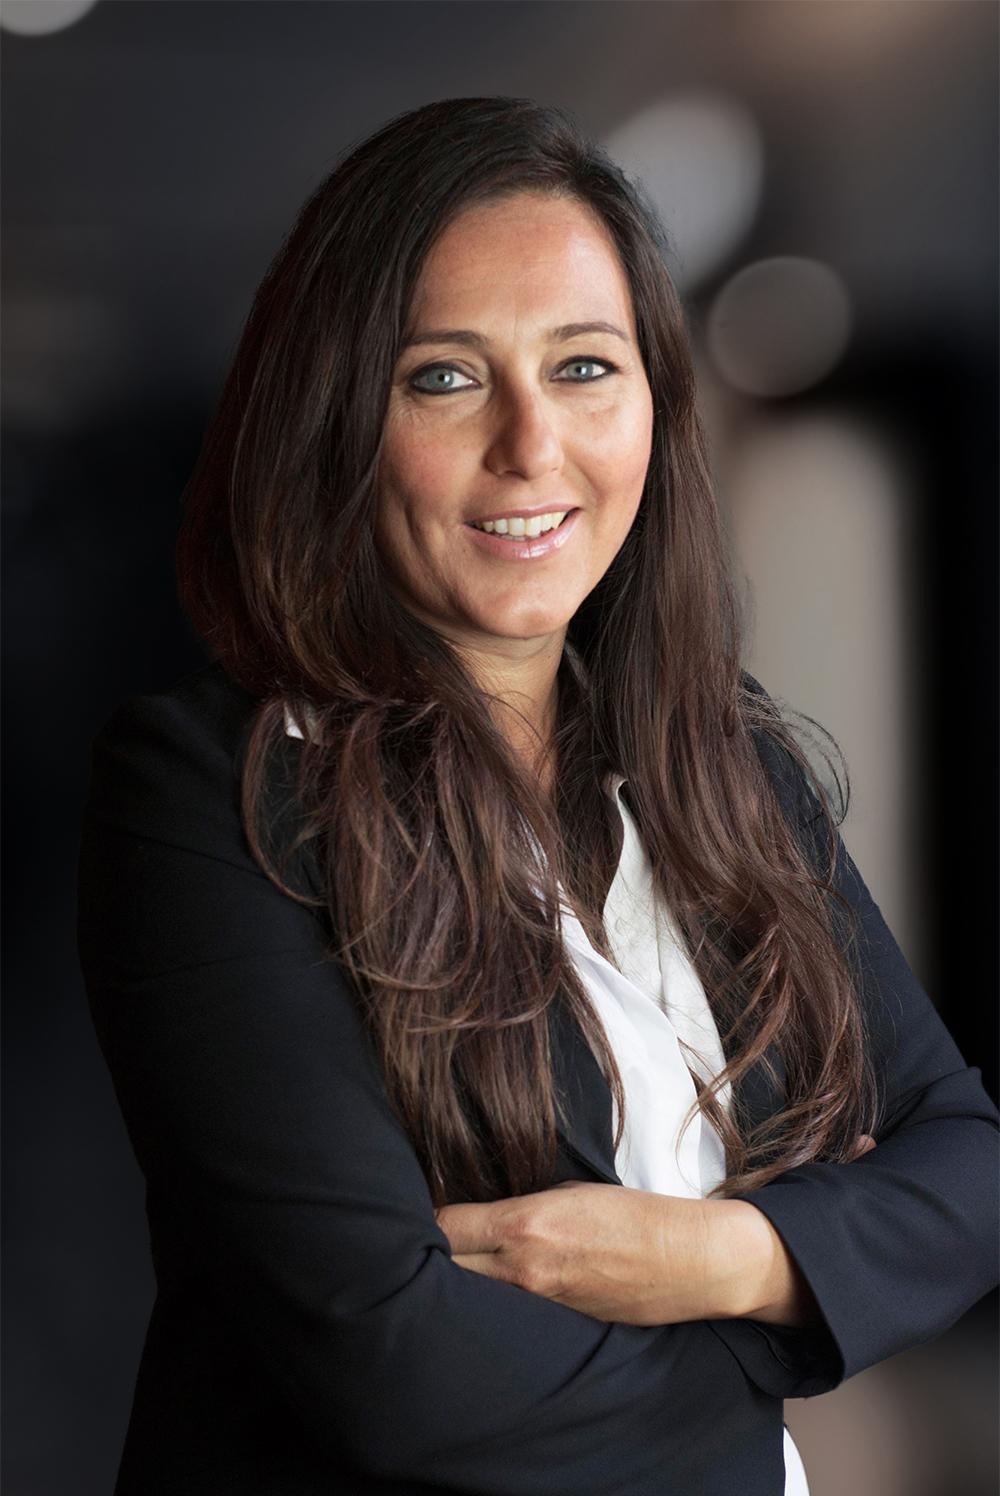 Lucia Ragaglini